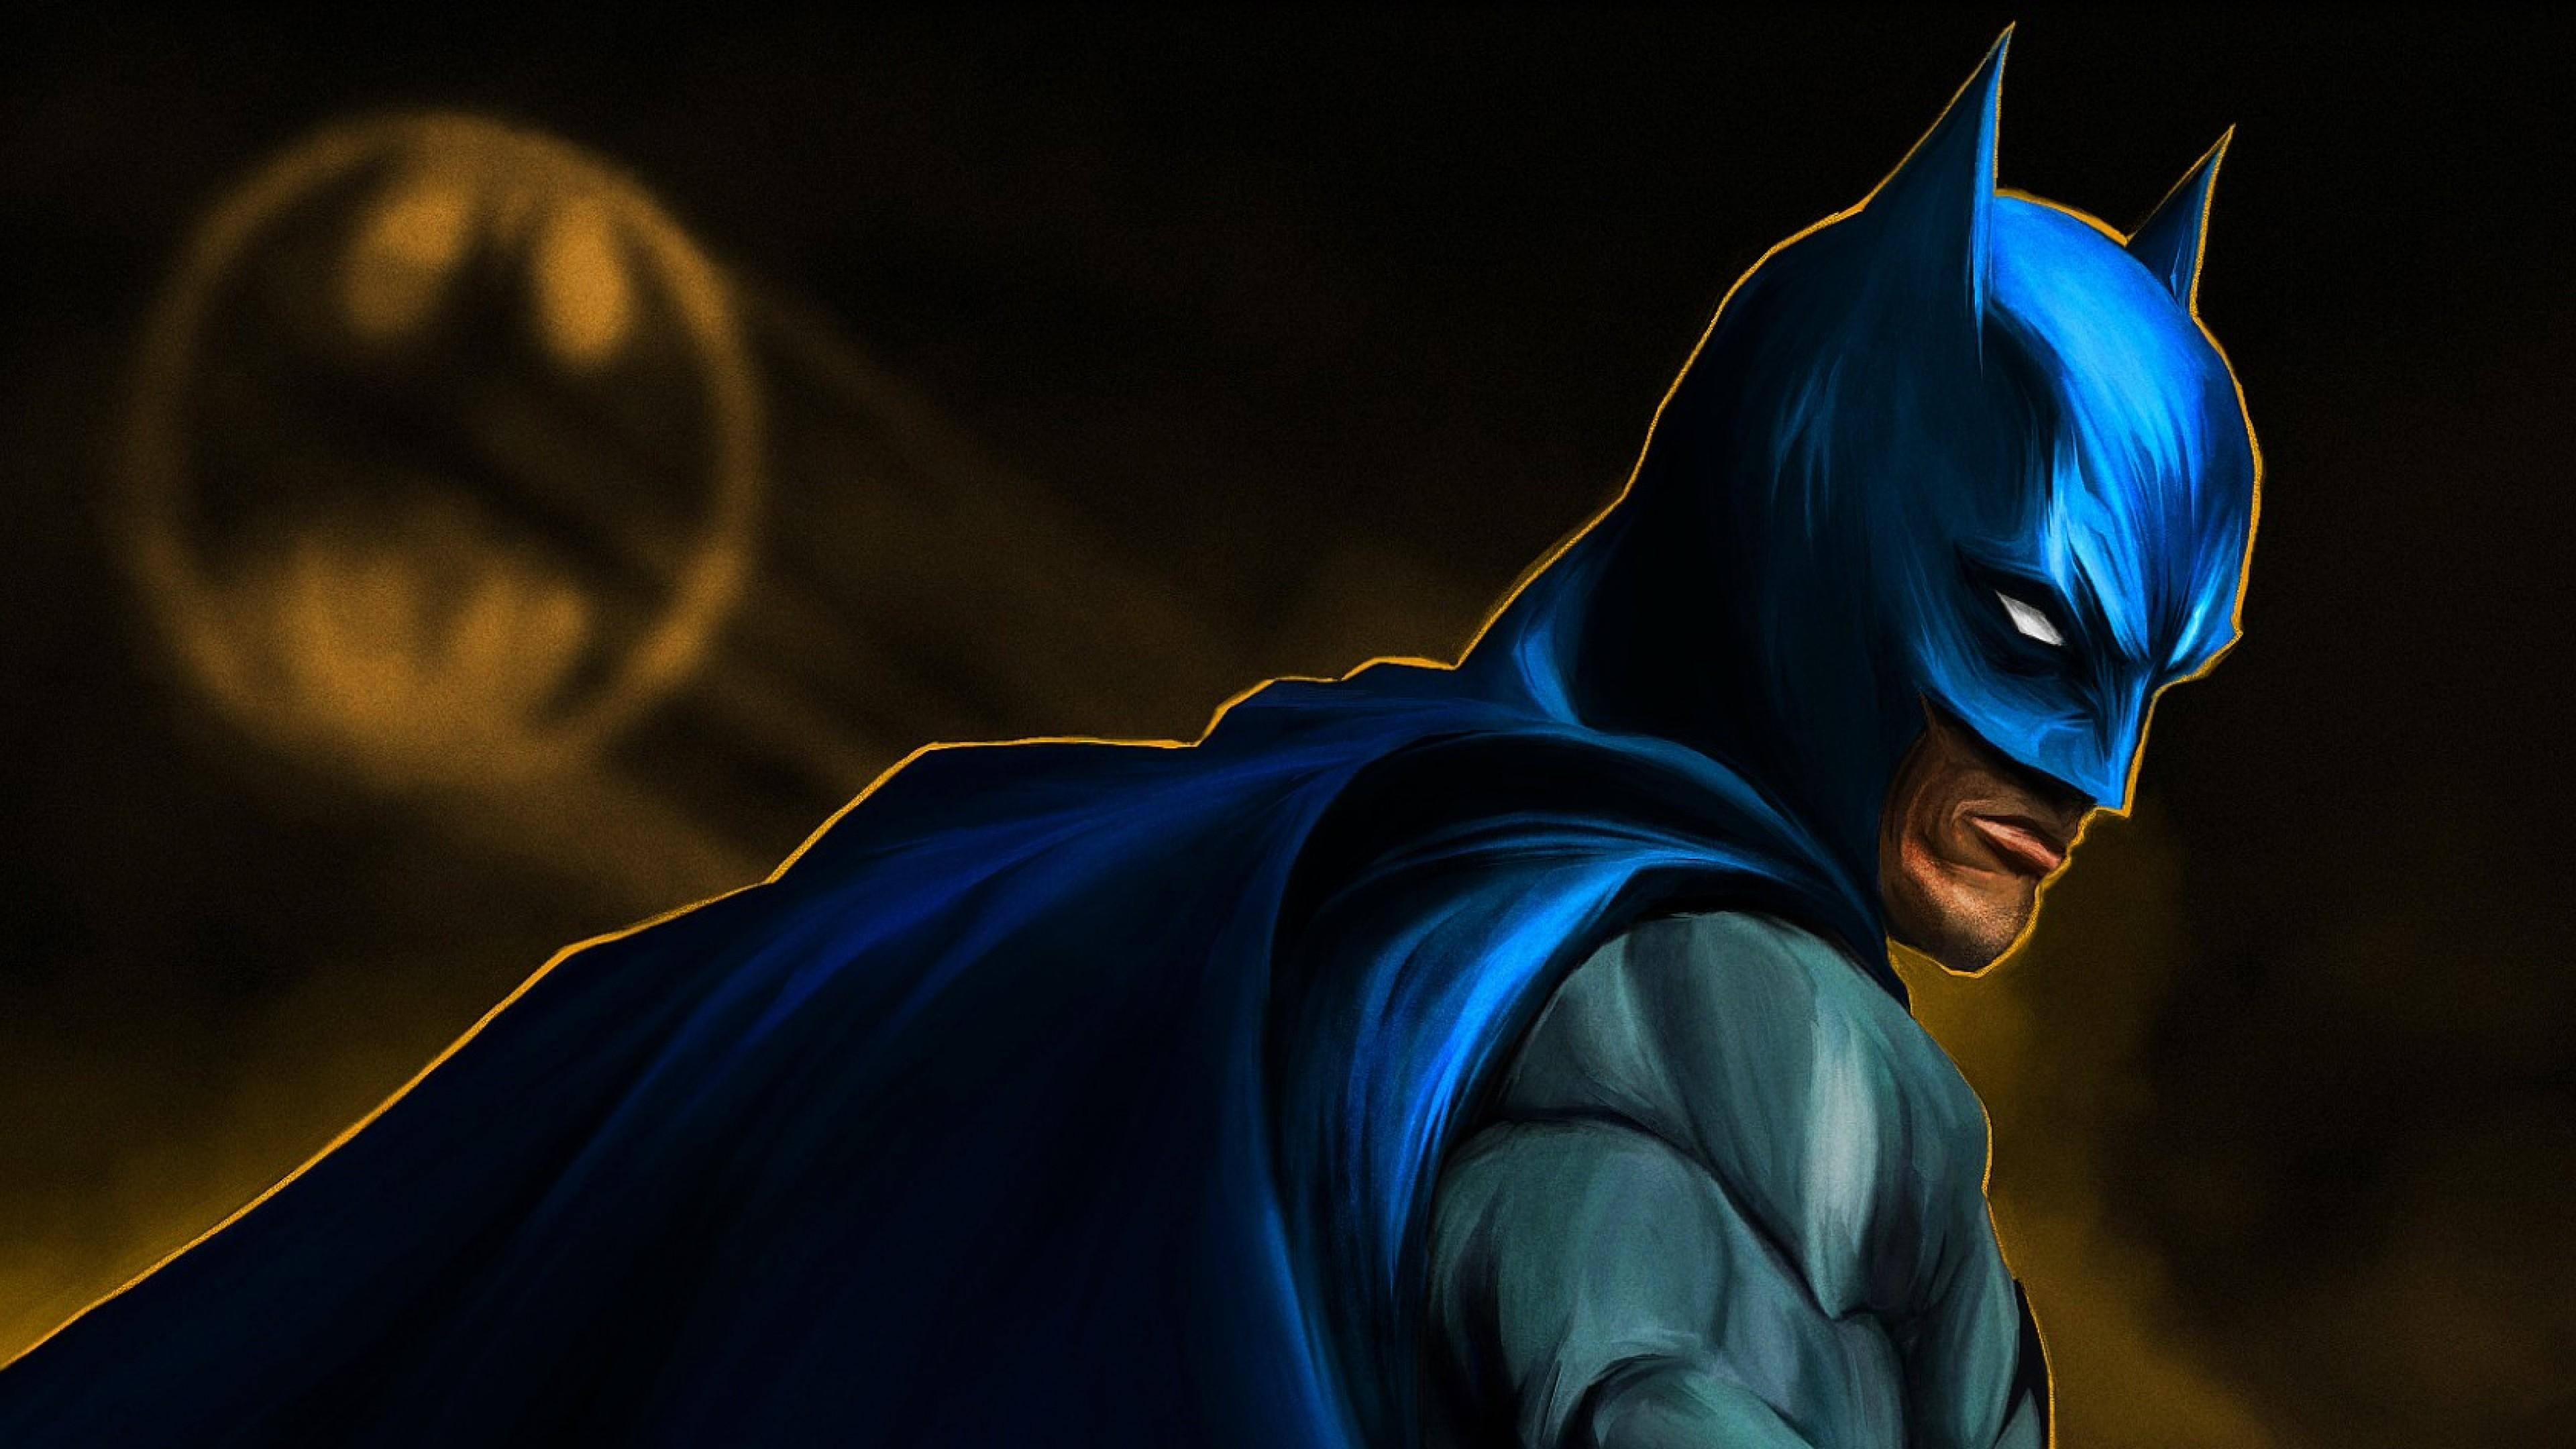 Wallpaper batman, bruce wayne, art, bat-signal